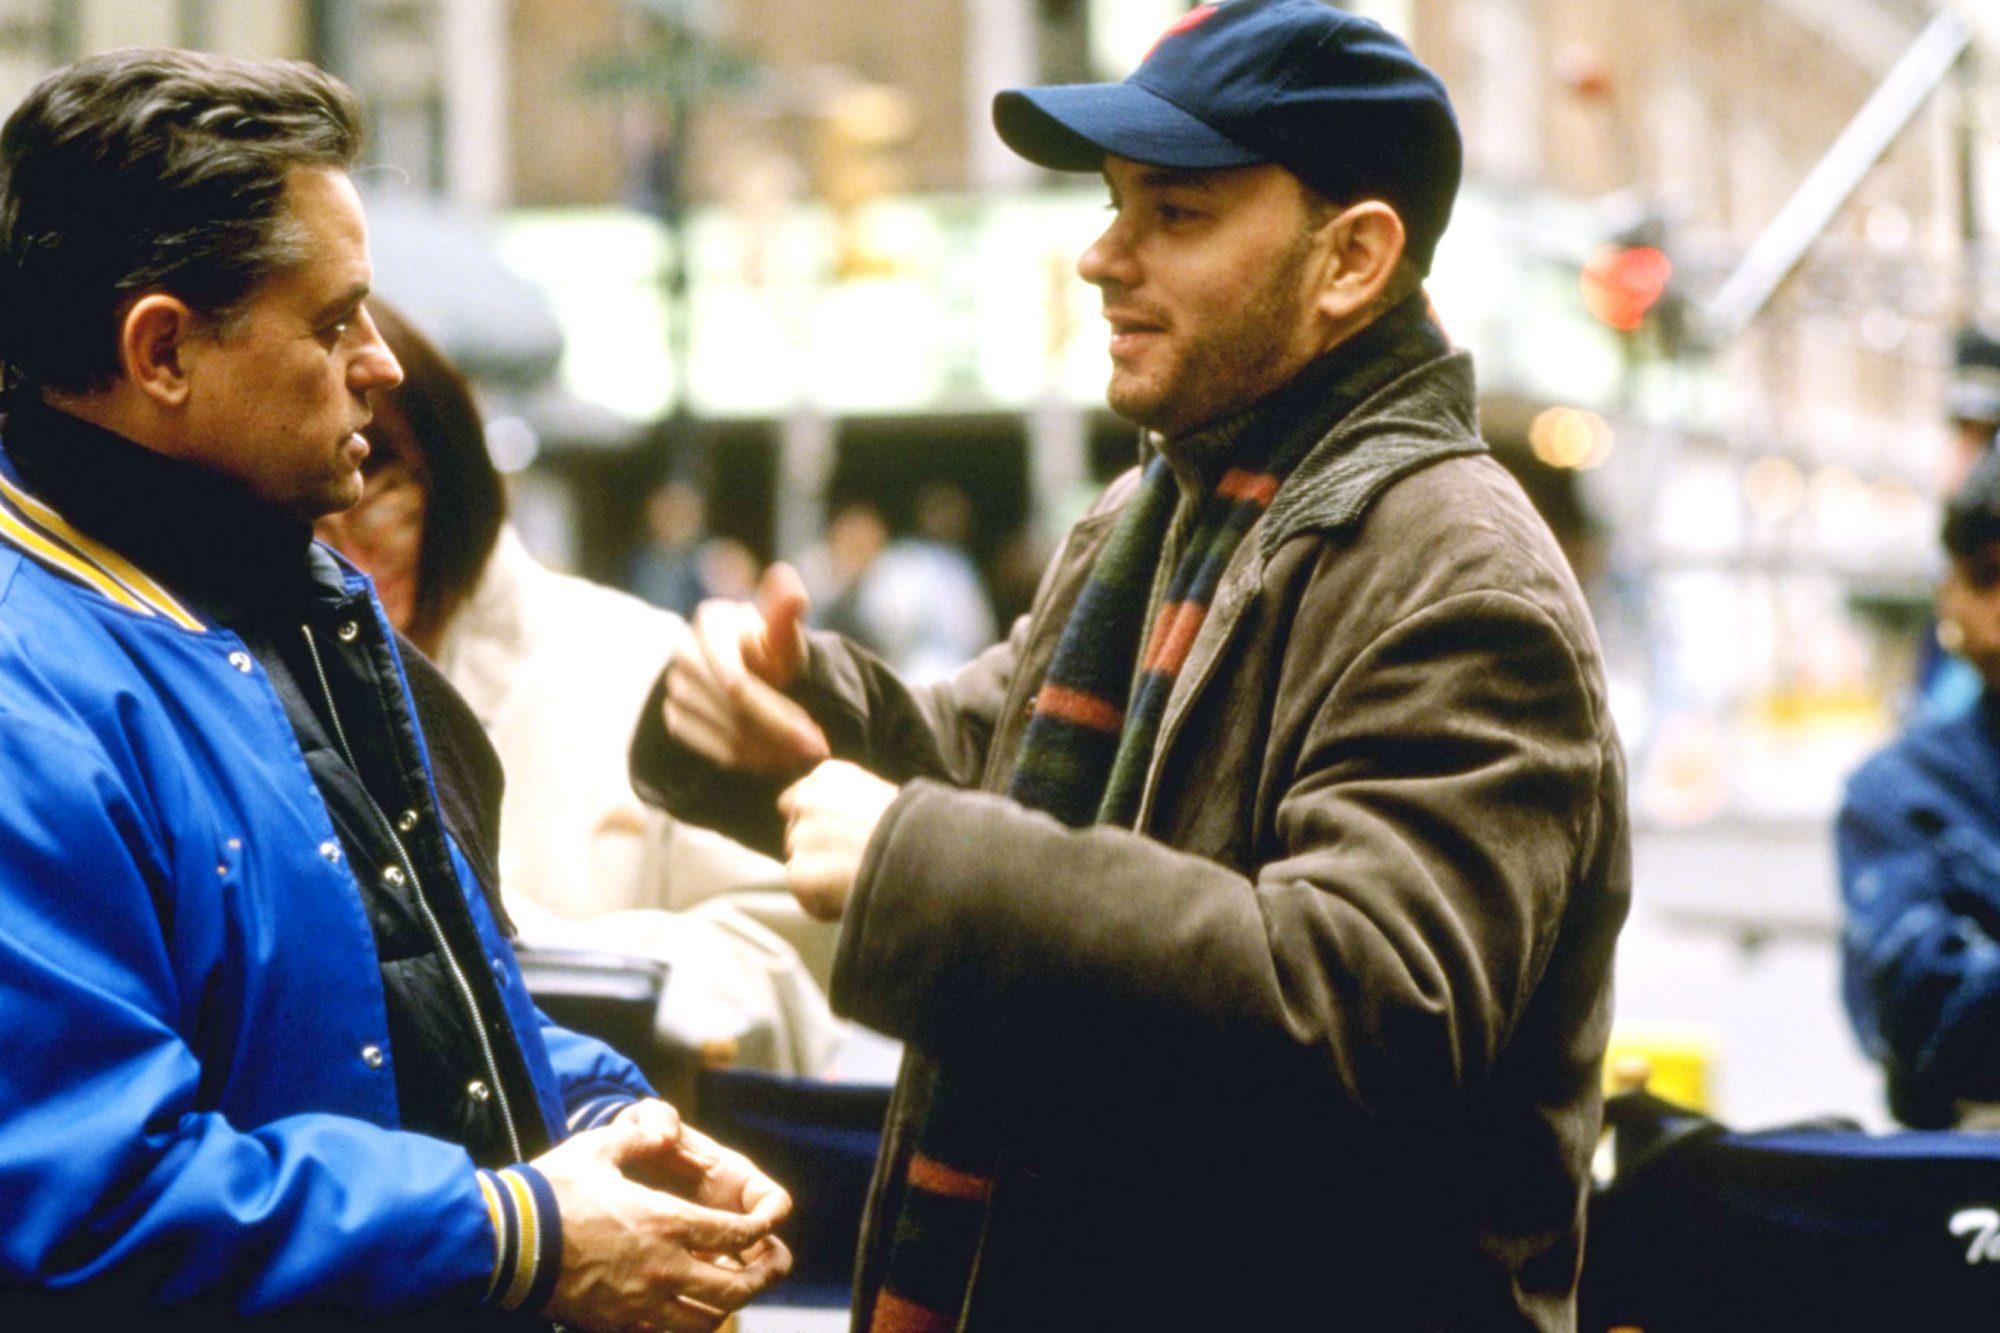 PHILADELPHIA, director Jonathan Demme, Tom Hanks on-set, 1993. ©TriStar Pictures/Courtesy Everett Co